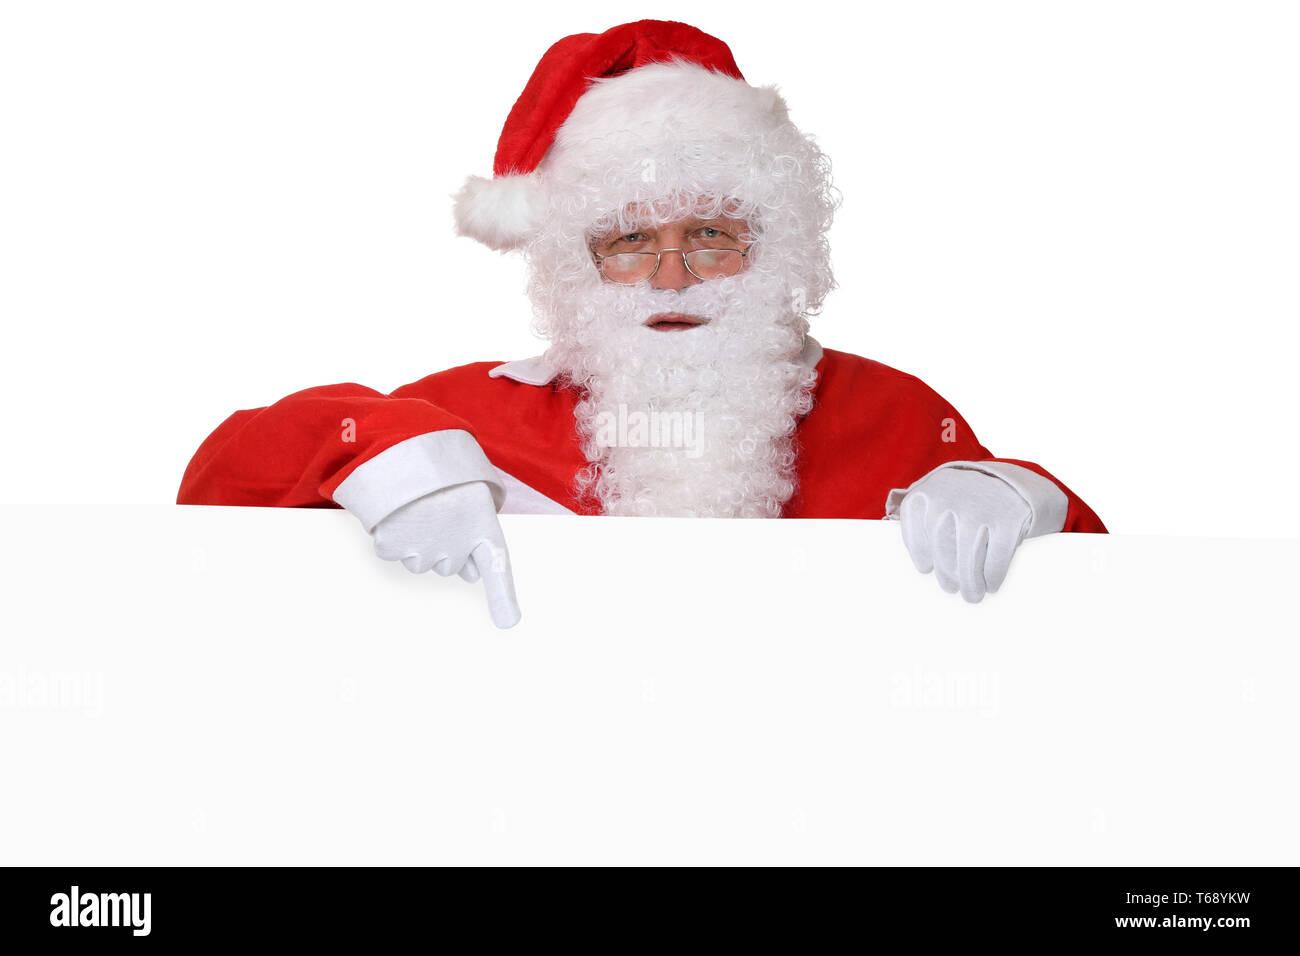 Weihnachtsmann Nikolaus mit Bart zeigt an Weihnachten auf Schild mit Textfreiraum - Stock Image